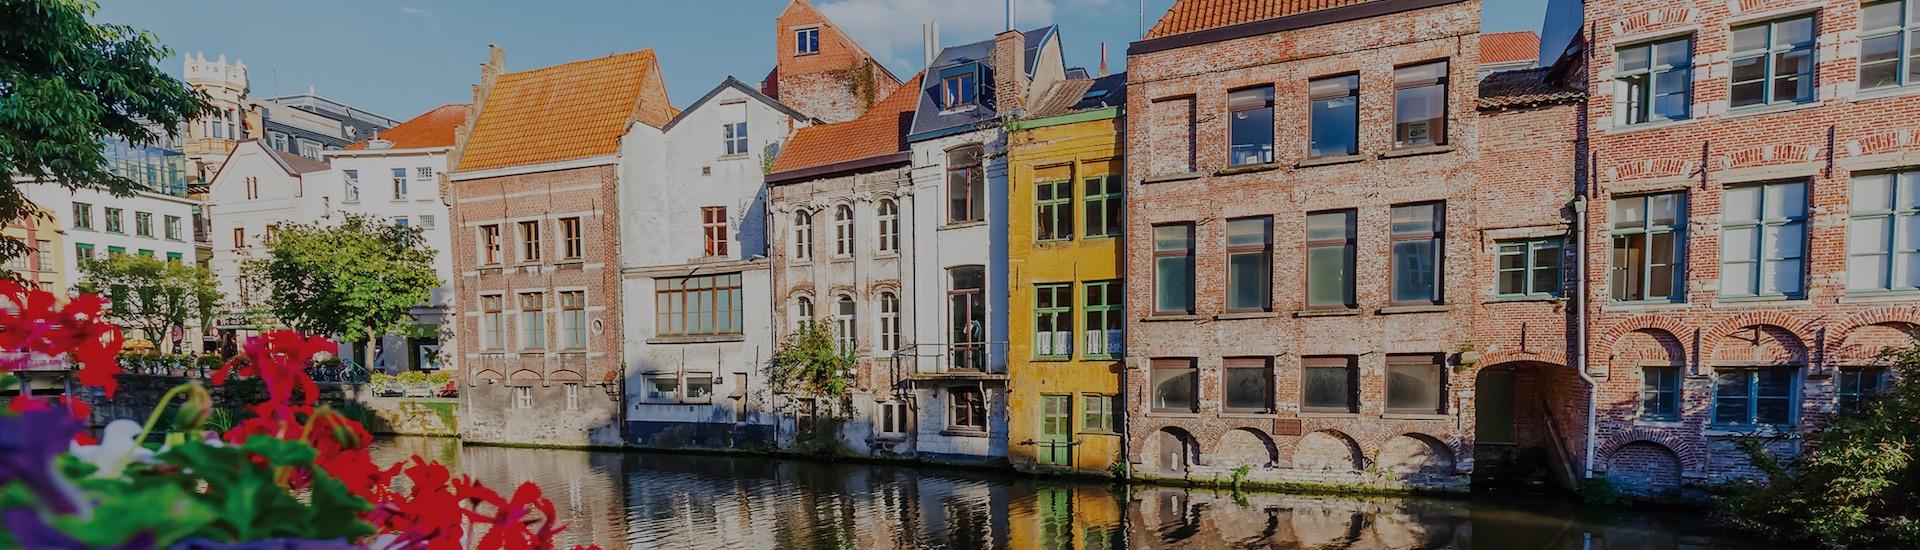 Hostels in Belgium